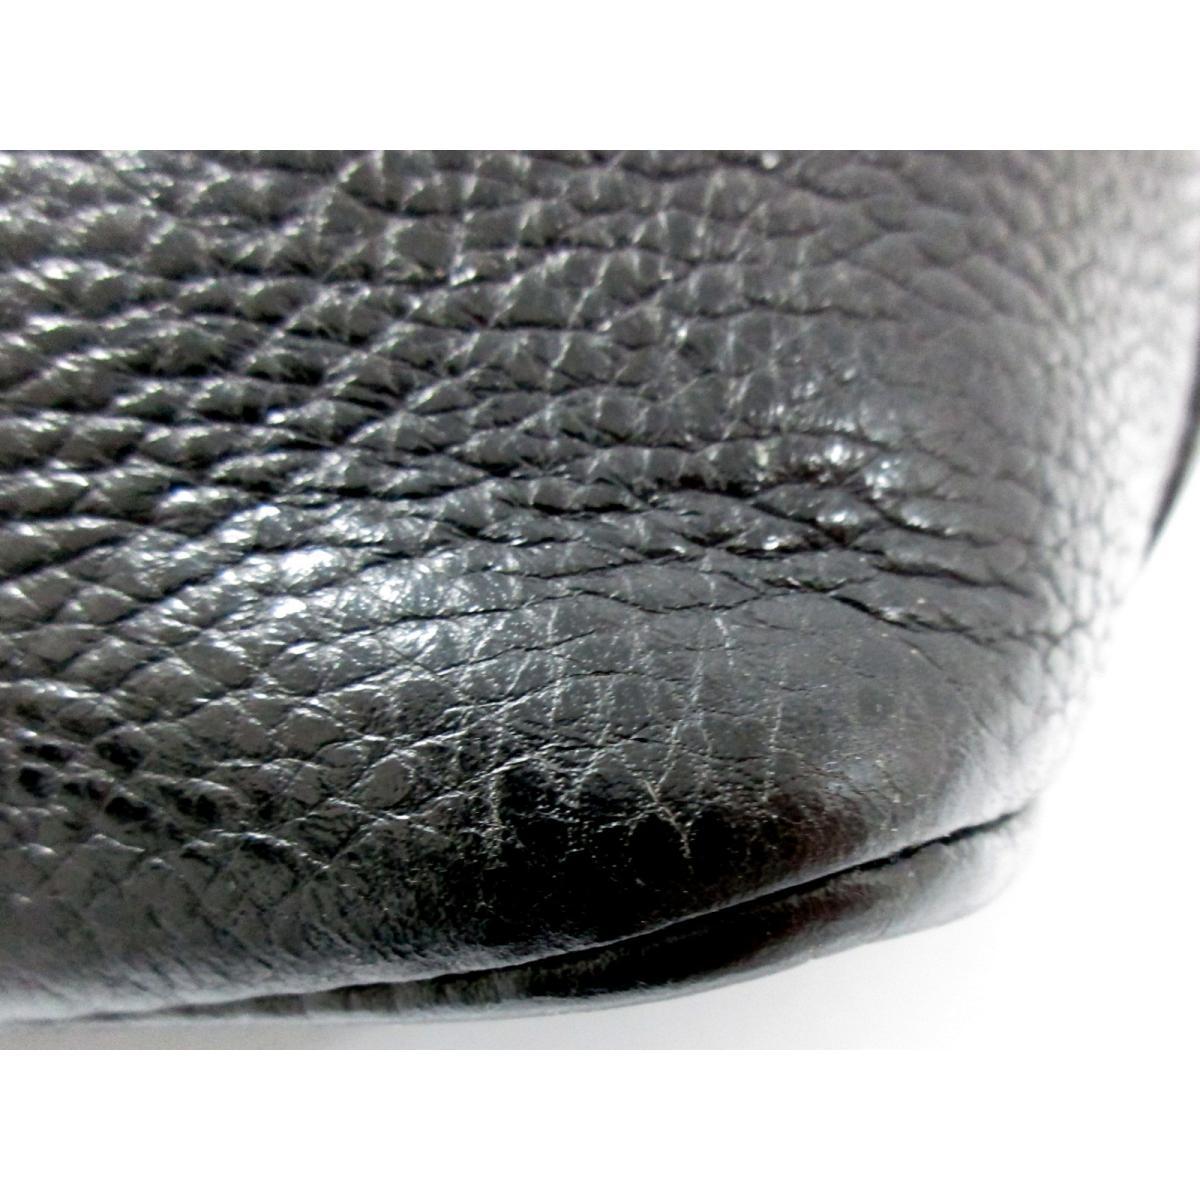 8b945085e14b Source · BRANDOFF Authentic LOUIS VUITTON shoes Bag M95252 ToBago Leather